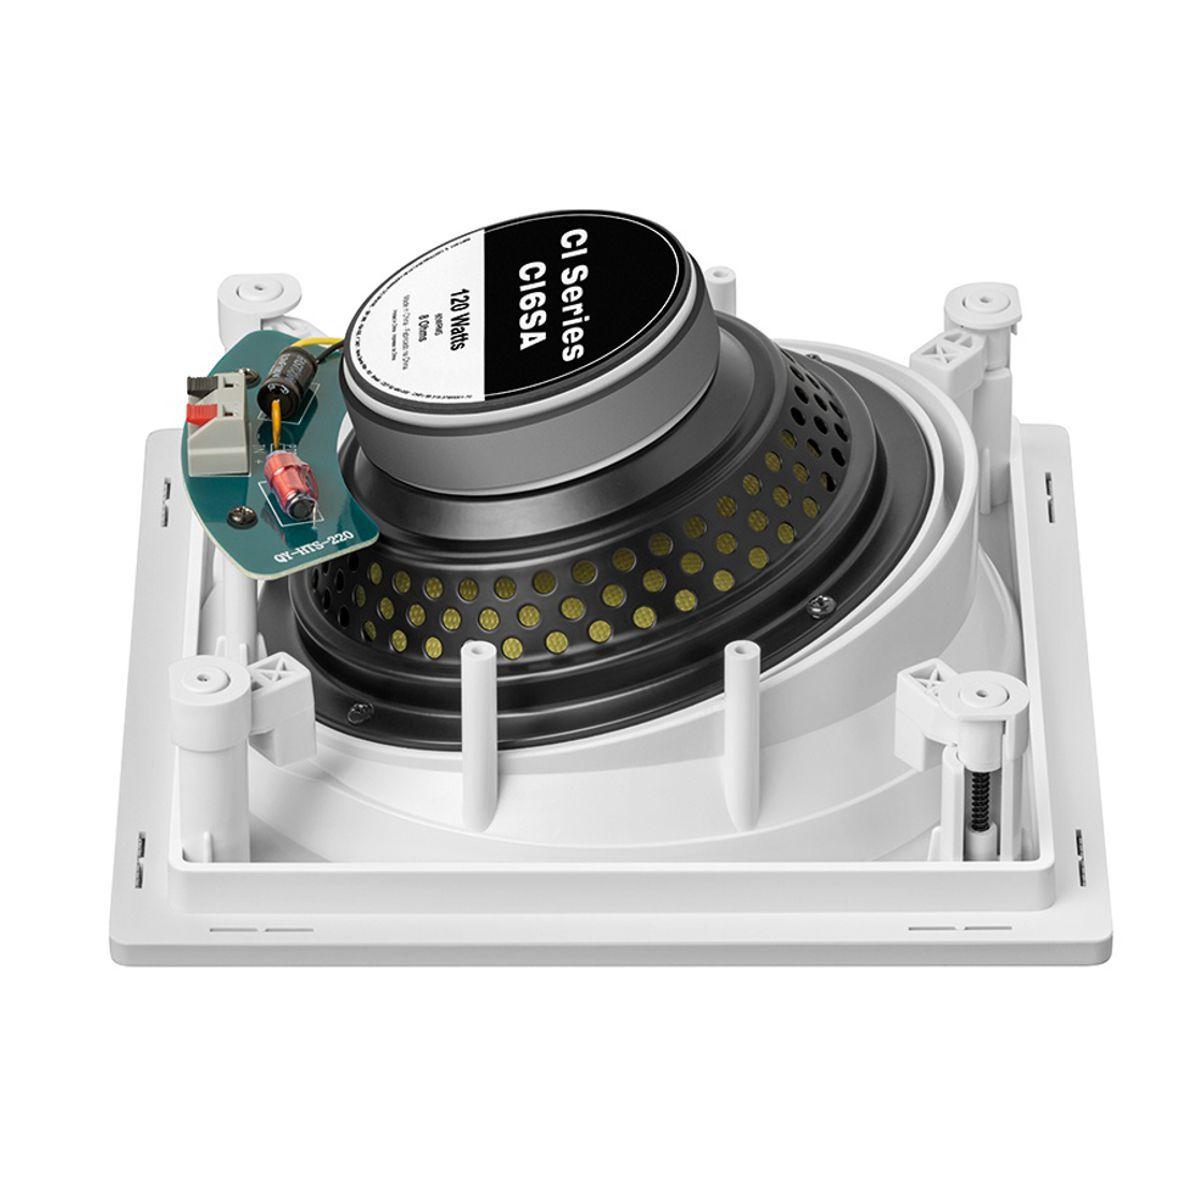 """Kit 7.1 Caixa de Embutir no Gesso Borderless CI6SA + CI6S JBL + Subwoofer Compact Cube 8"""" AAT"""